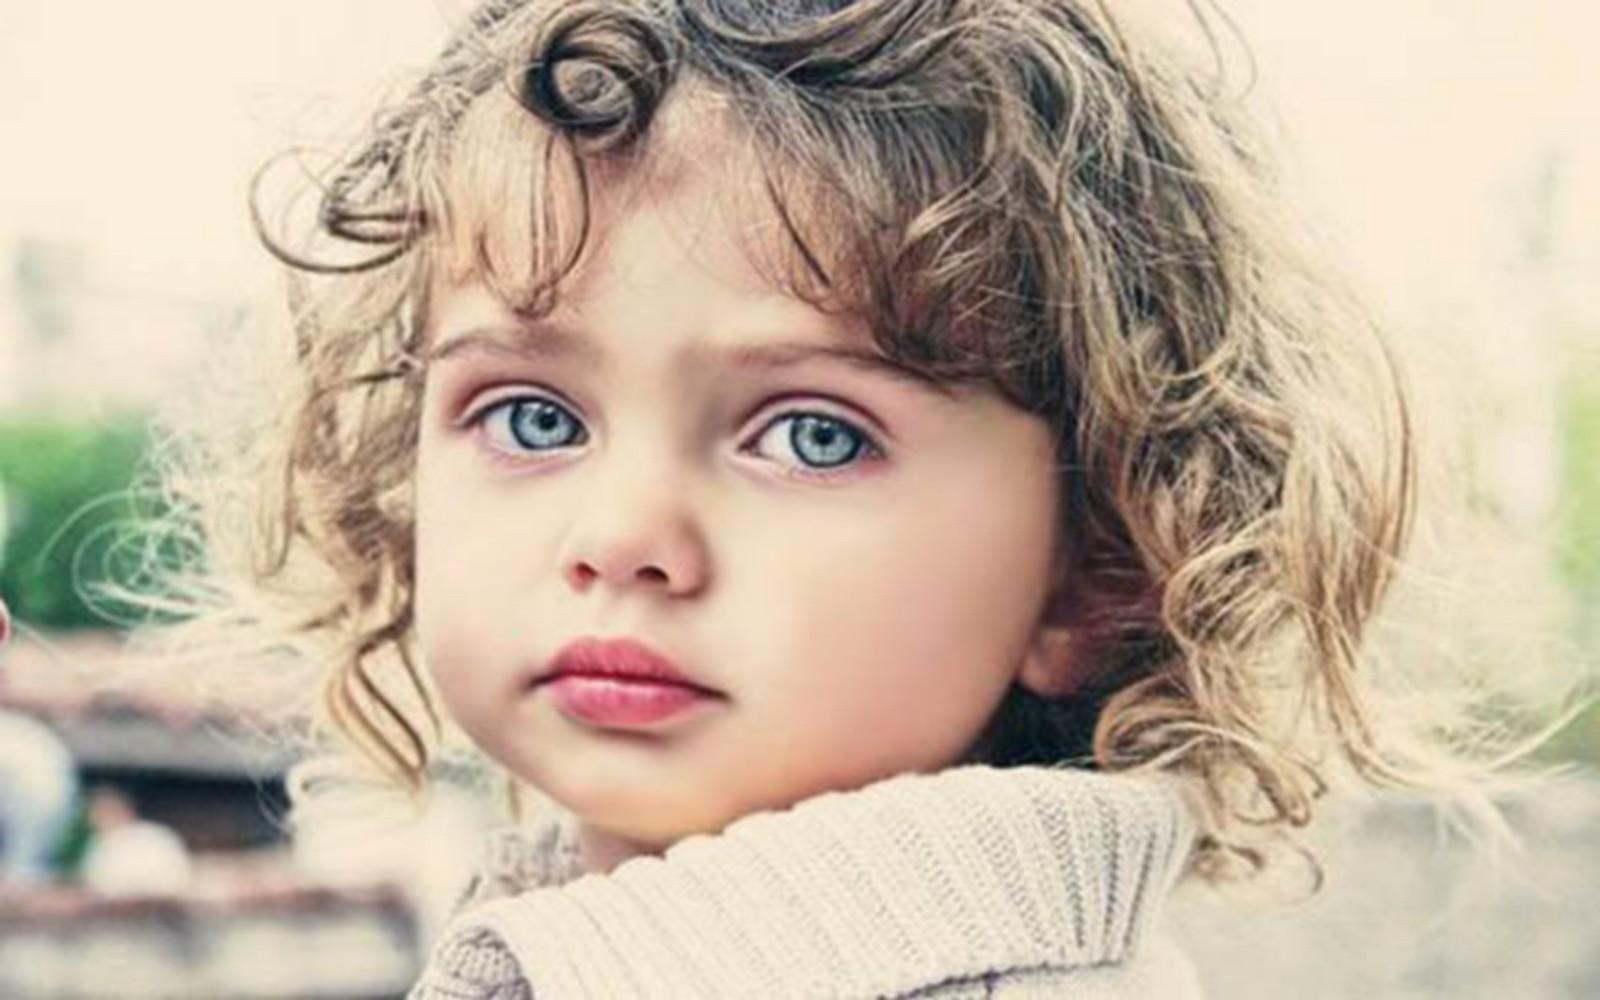 بالصور اجمل الصور للاطفال البنات , اروع صور البنات الصغار 3734 3